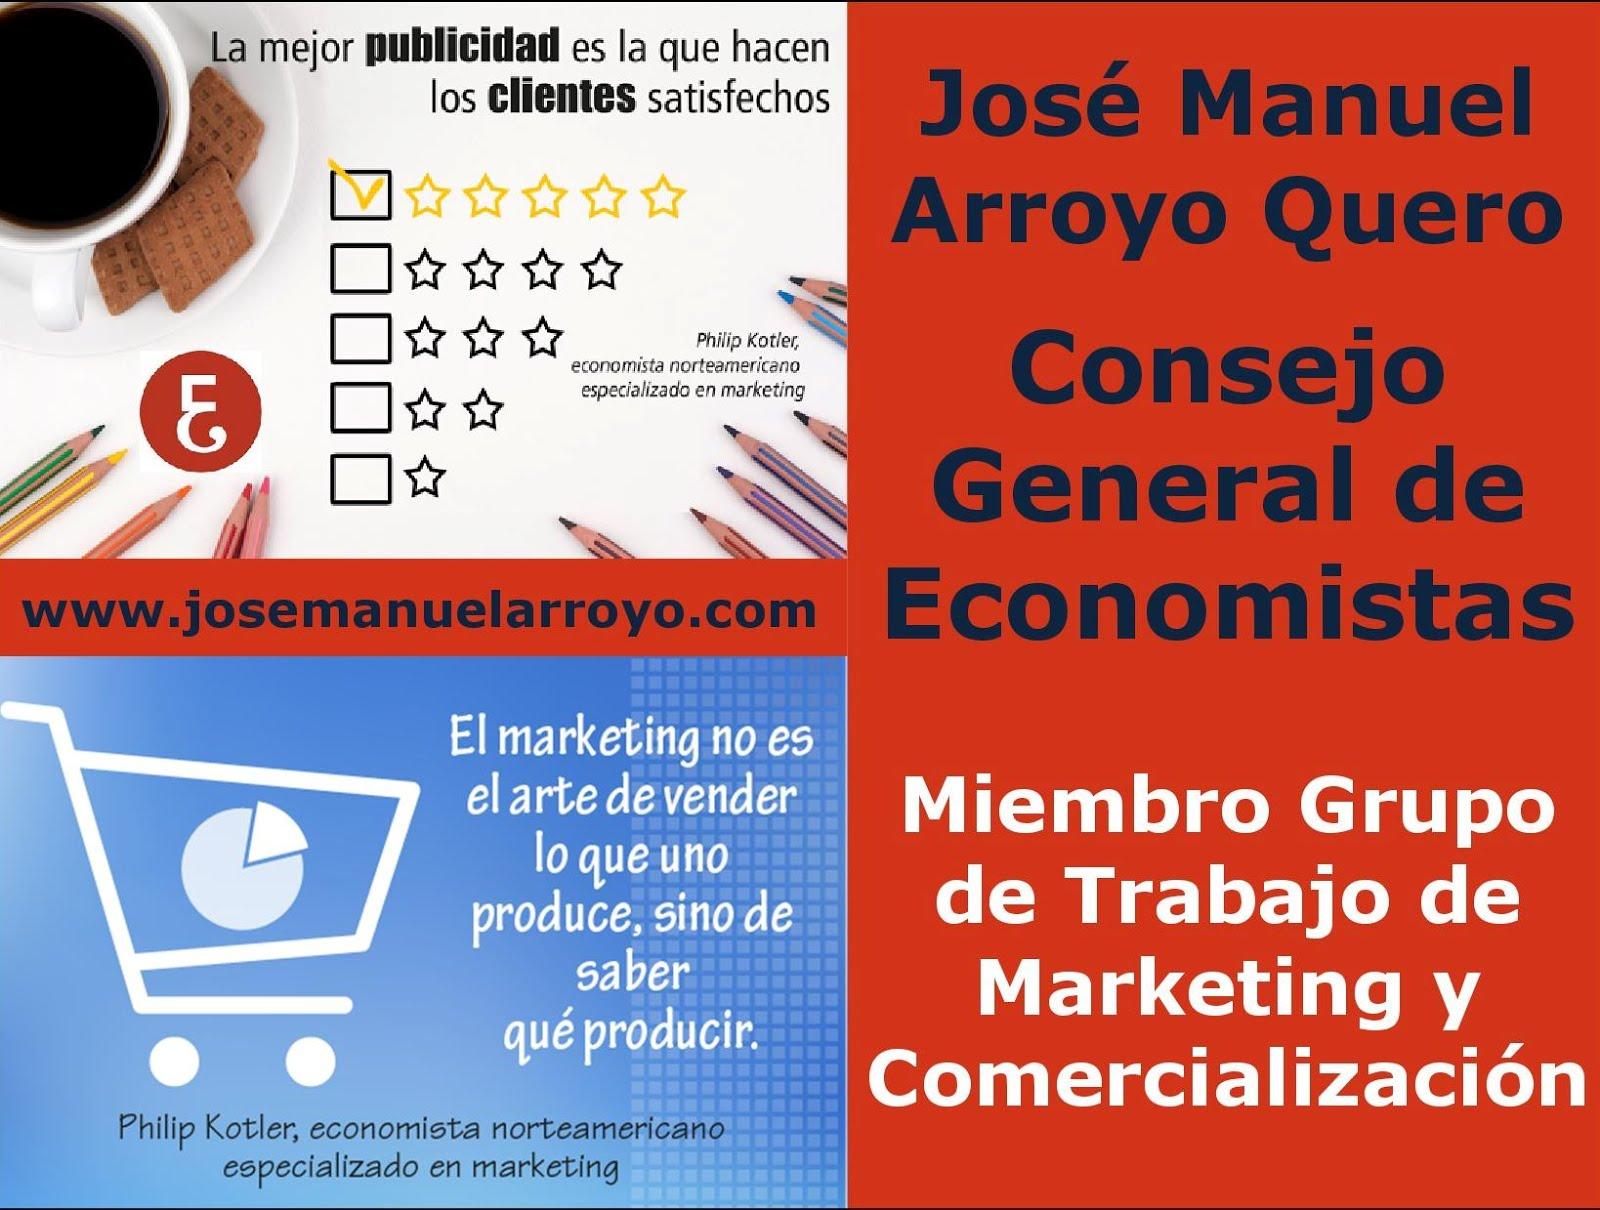 Miembro del Grupo de Trabajo de Marketing y Comercialización del Consejo General de Economistas